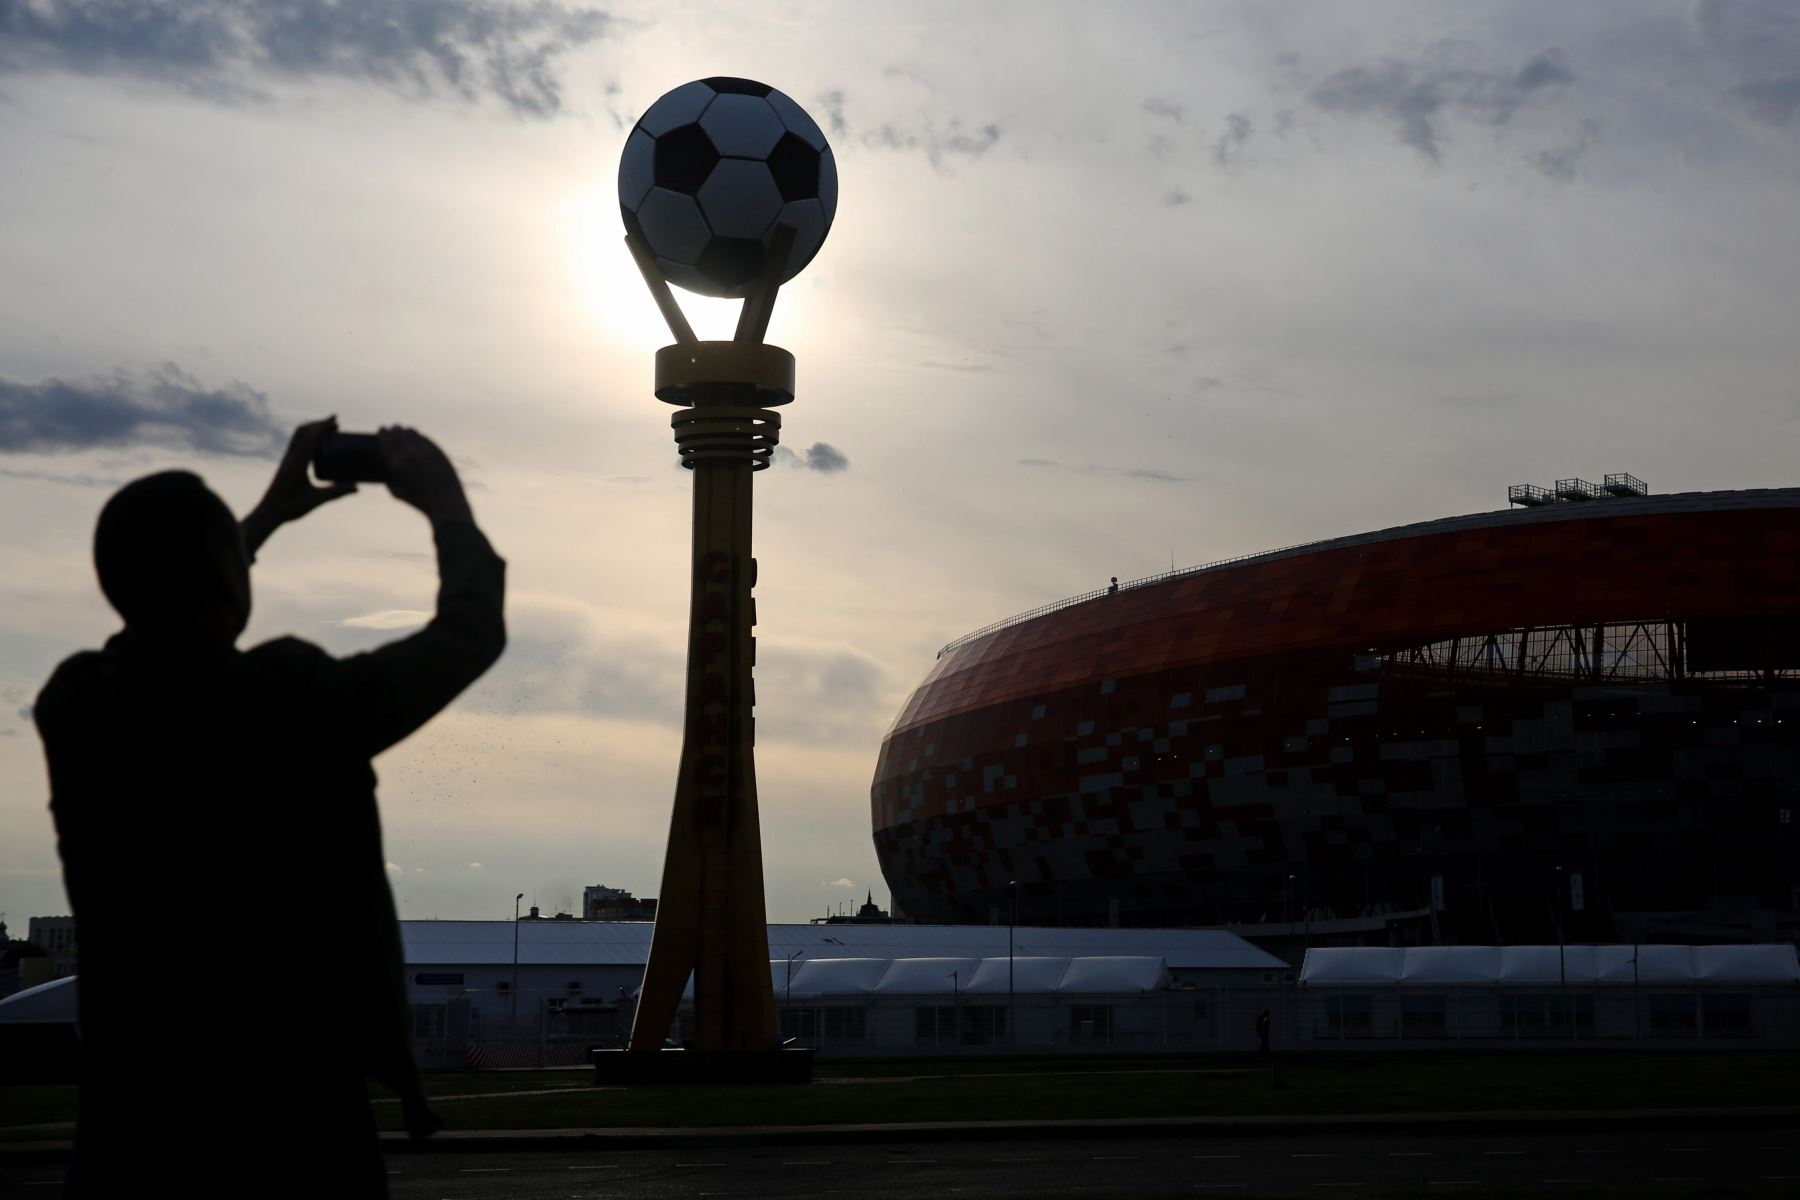 Vista del atardecer del estadio Mordovia Arena en la ciudad de Saransk (Rusia), donde tendrá lugar el duelo de Perú y Dinamarca. Foto: Efe.